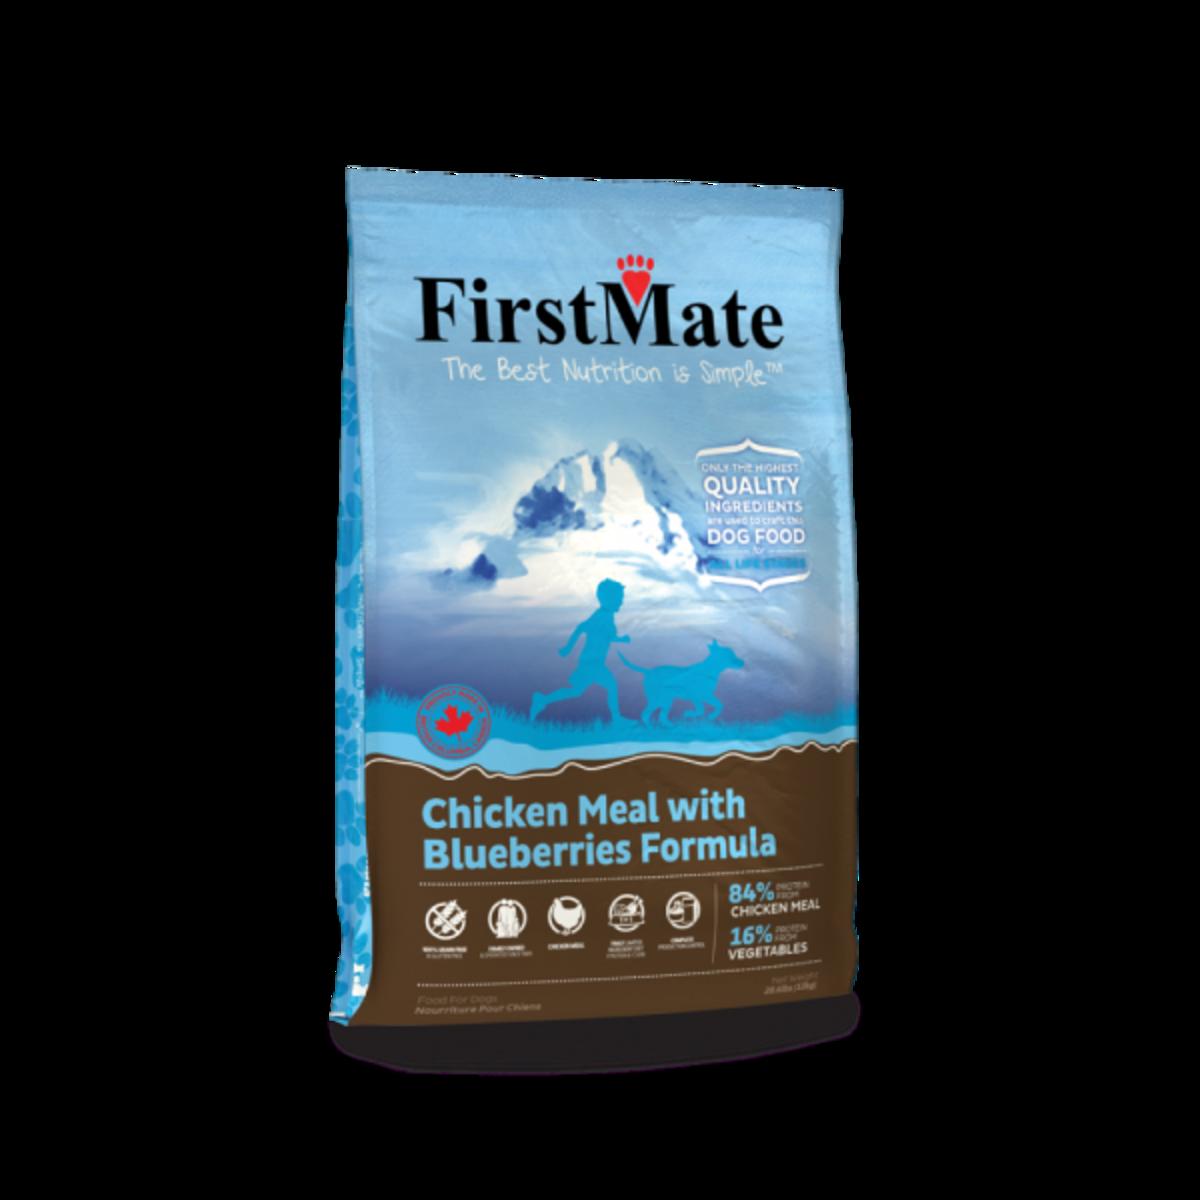 FirstMate 無穀物雞肉藍莓配方全犬糧 (細粒) 28.6LB (10071) (香港行貨)